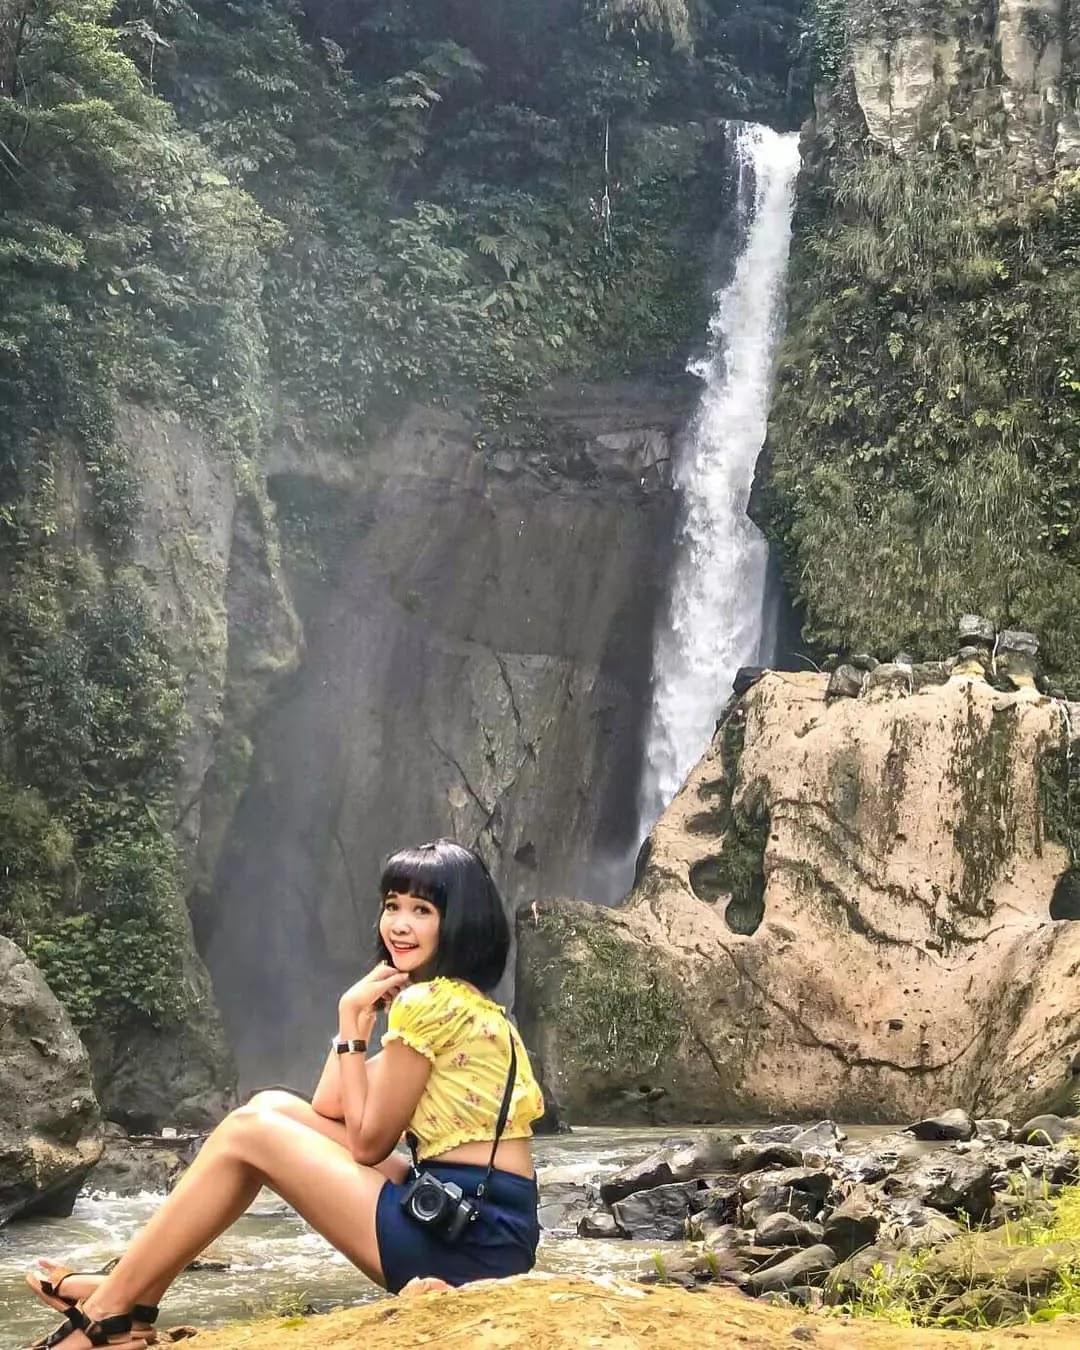 Air Terjun Lembah Pelangi di Ulubelu, Tanggamus, Lampung